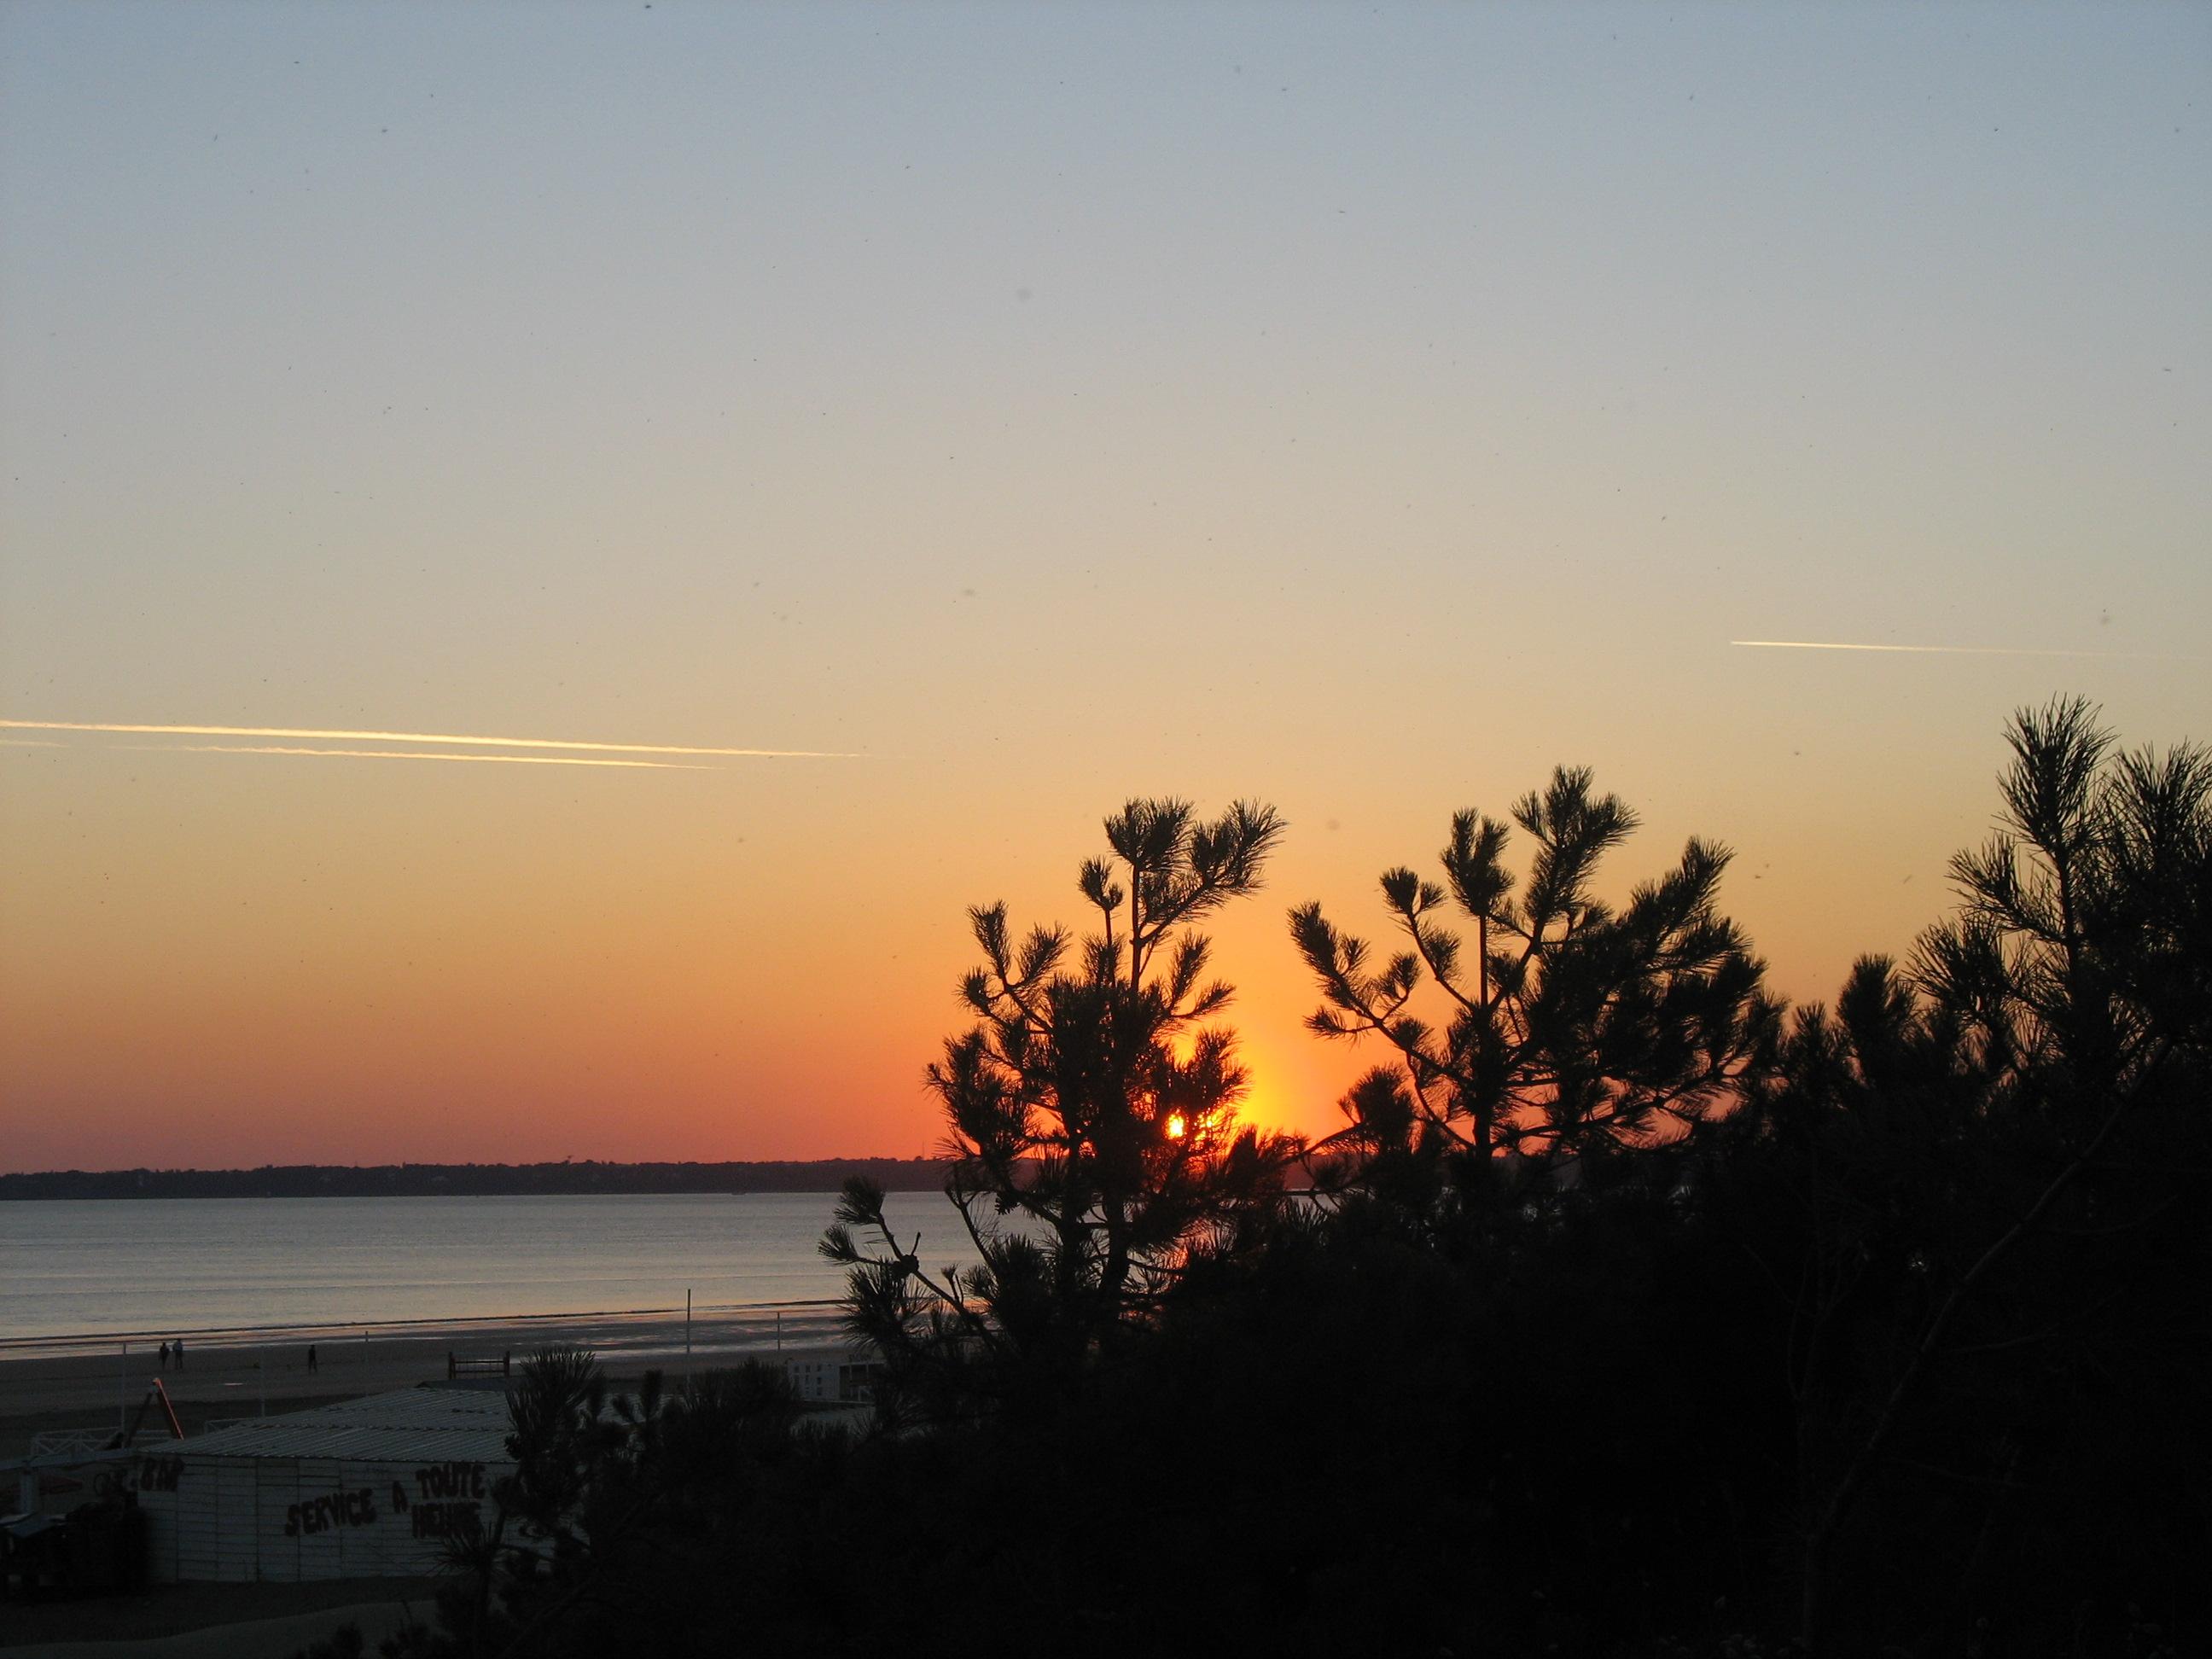 MEUBLE MME GARDE-coucher-de-soleil-sur-la-plage